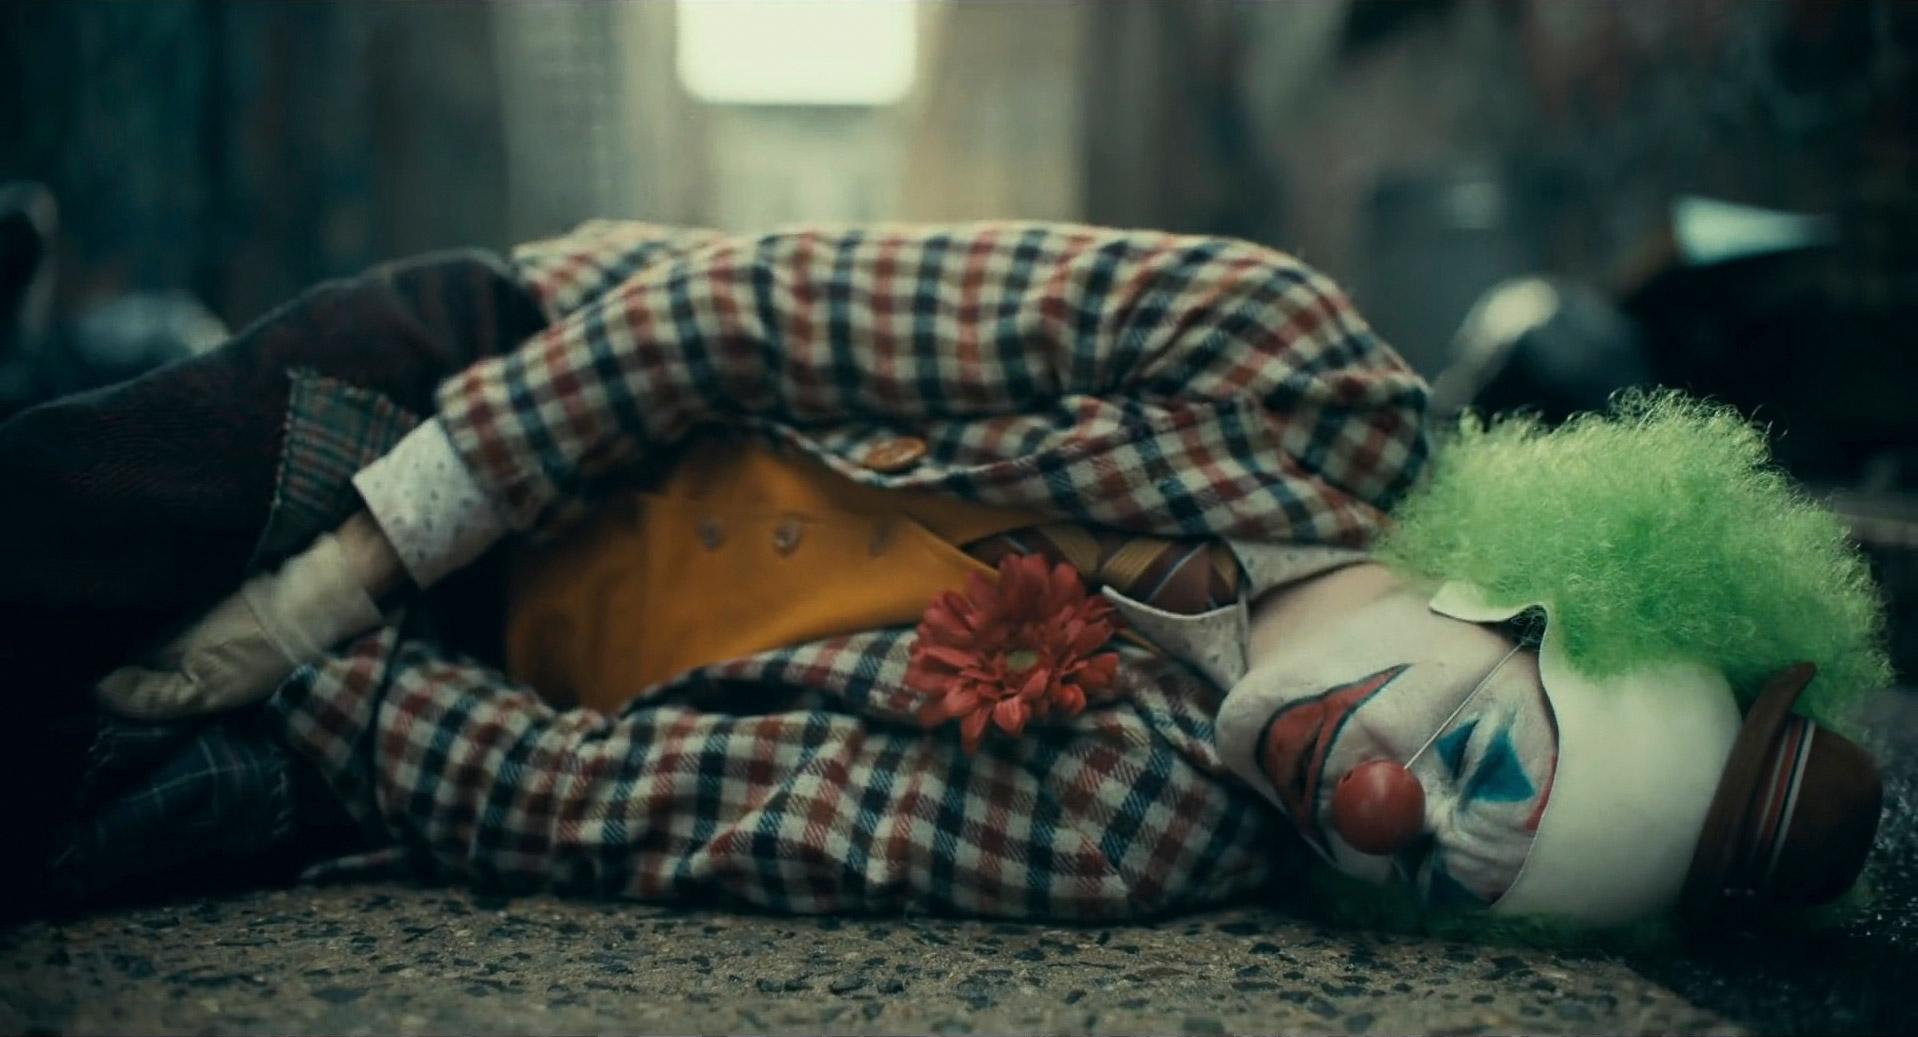 Joker_4.jpg